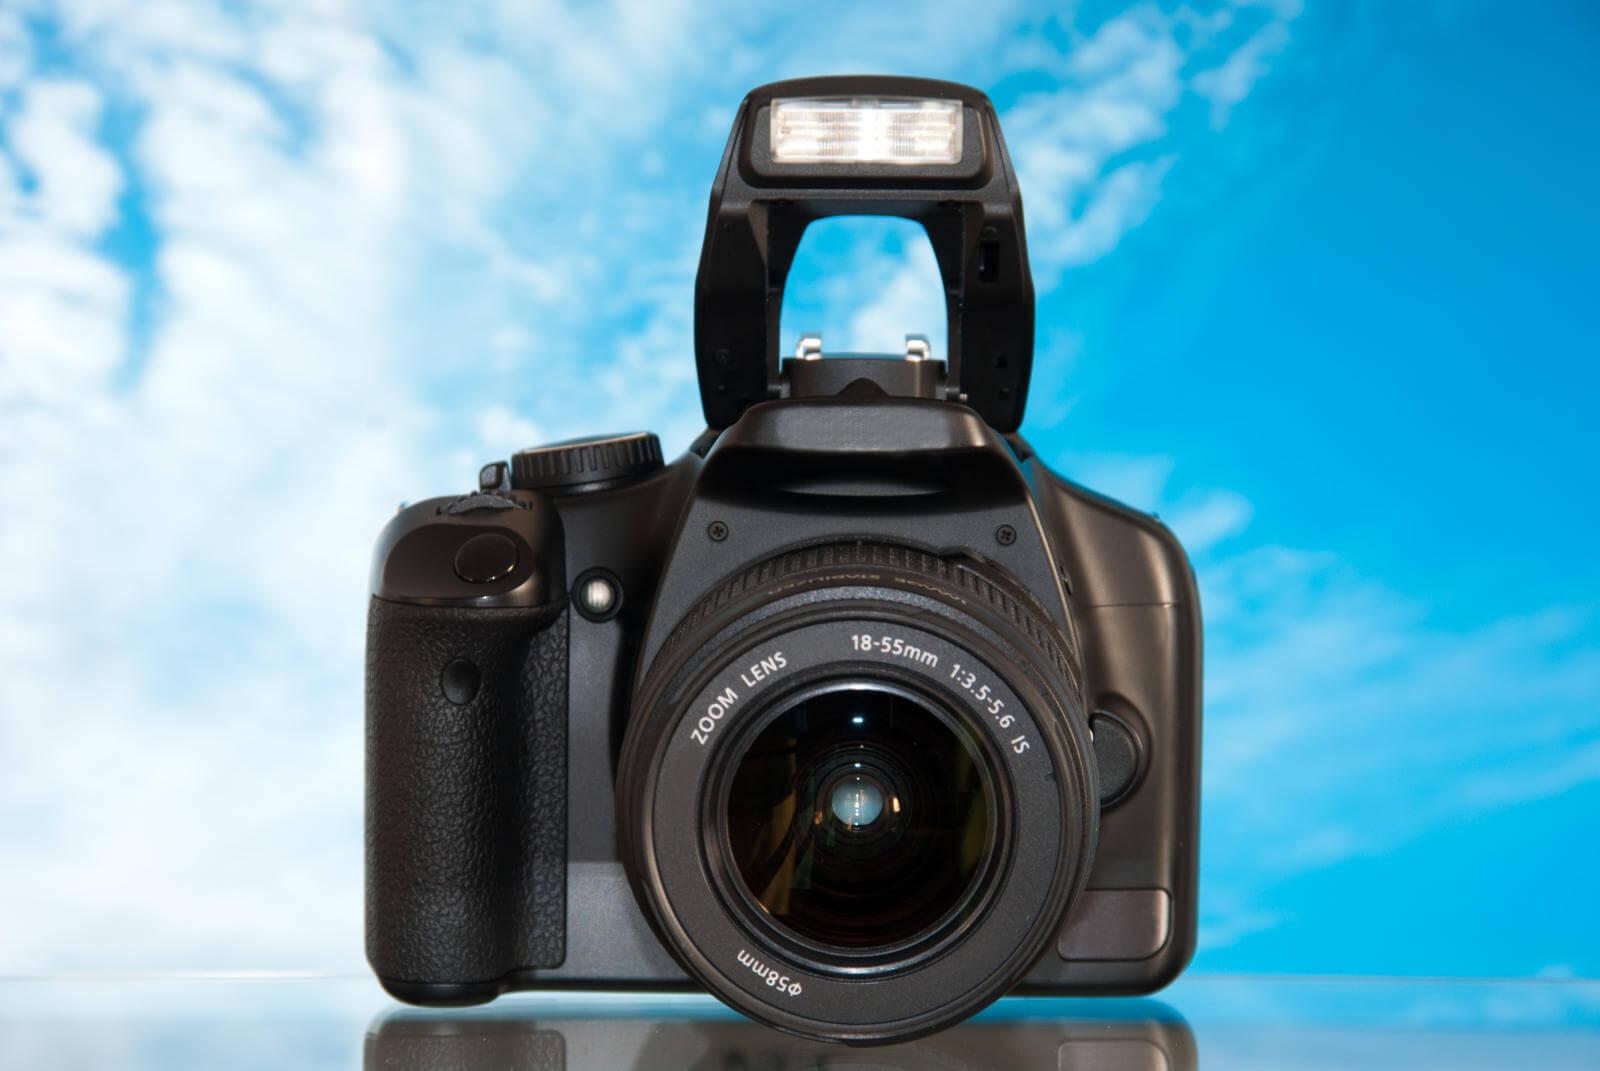 Welche Kamera verwendest du?